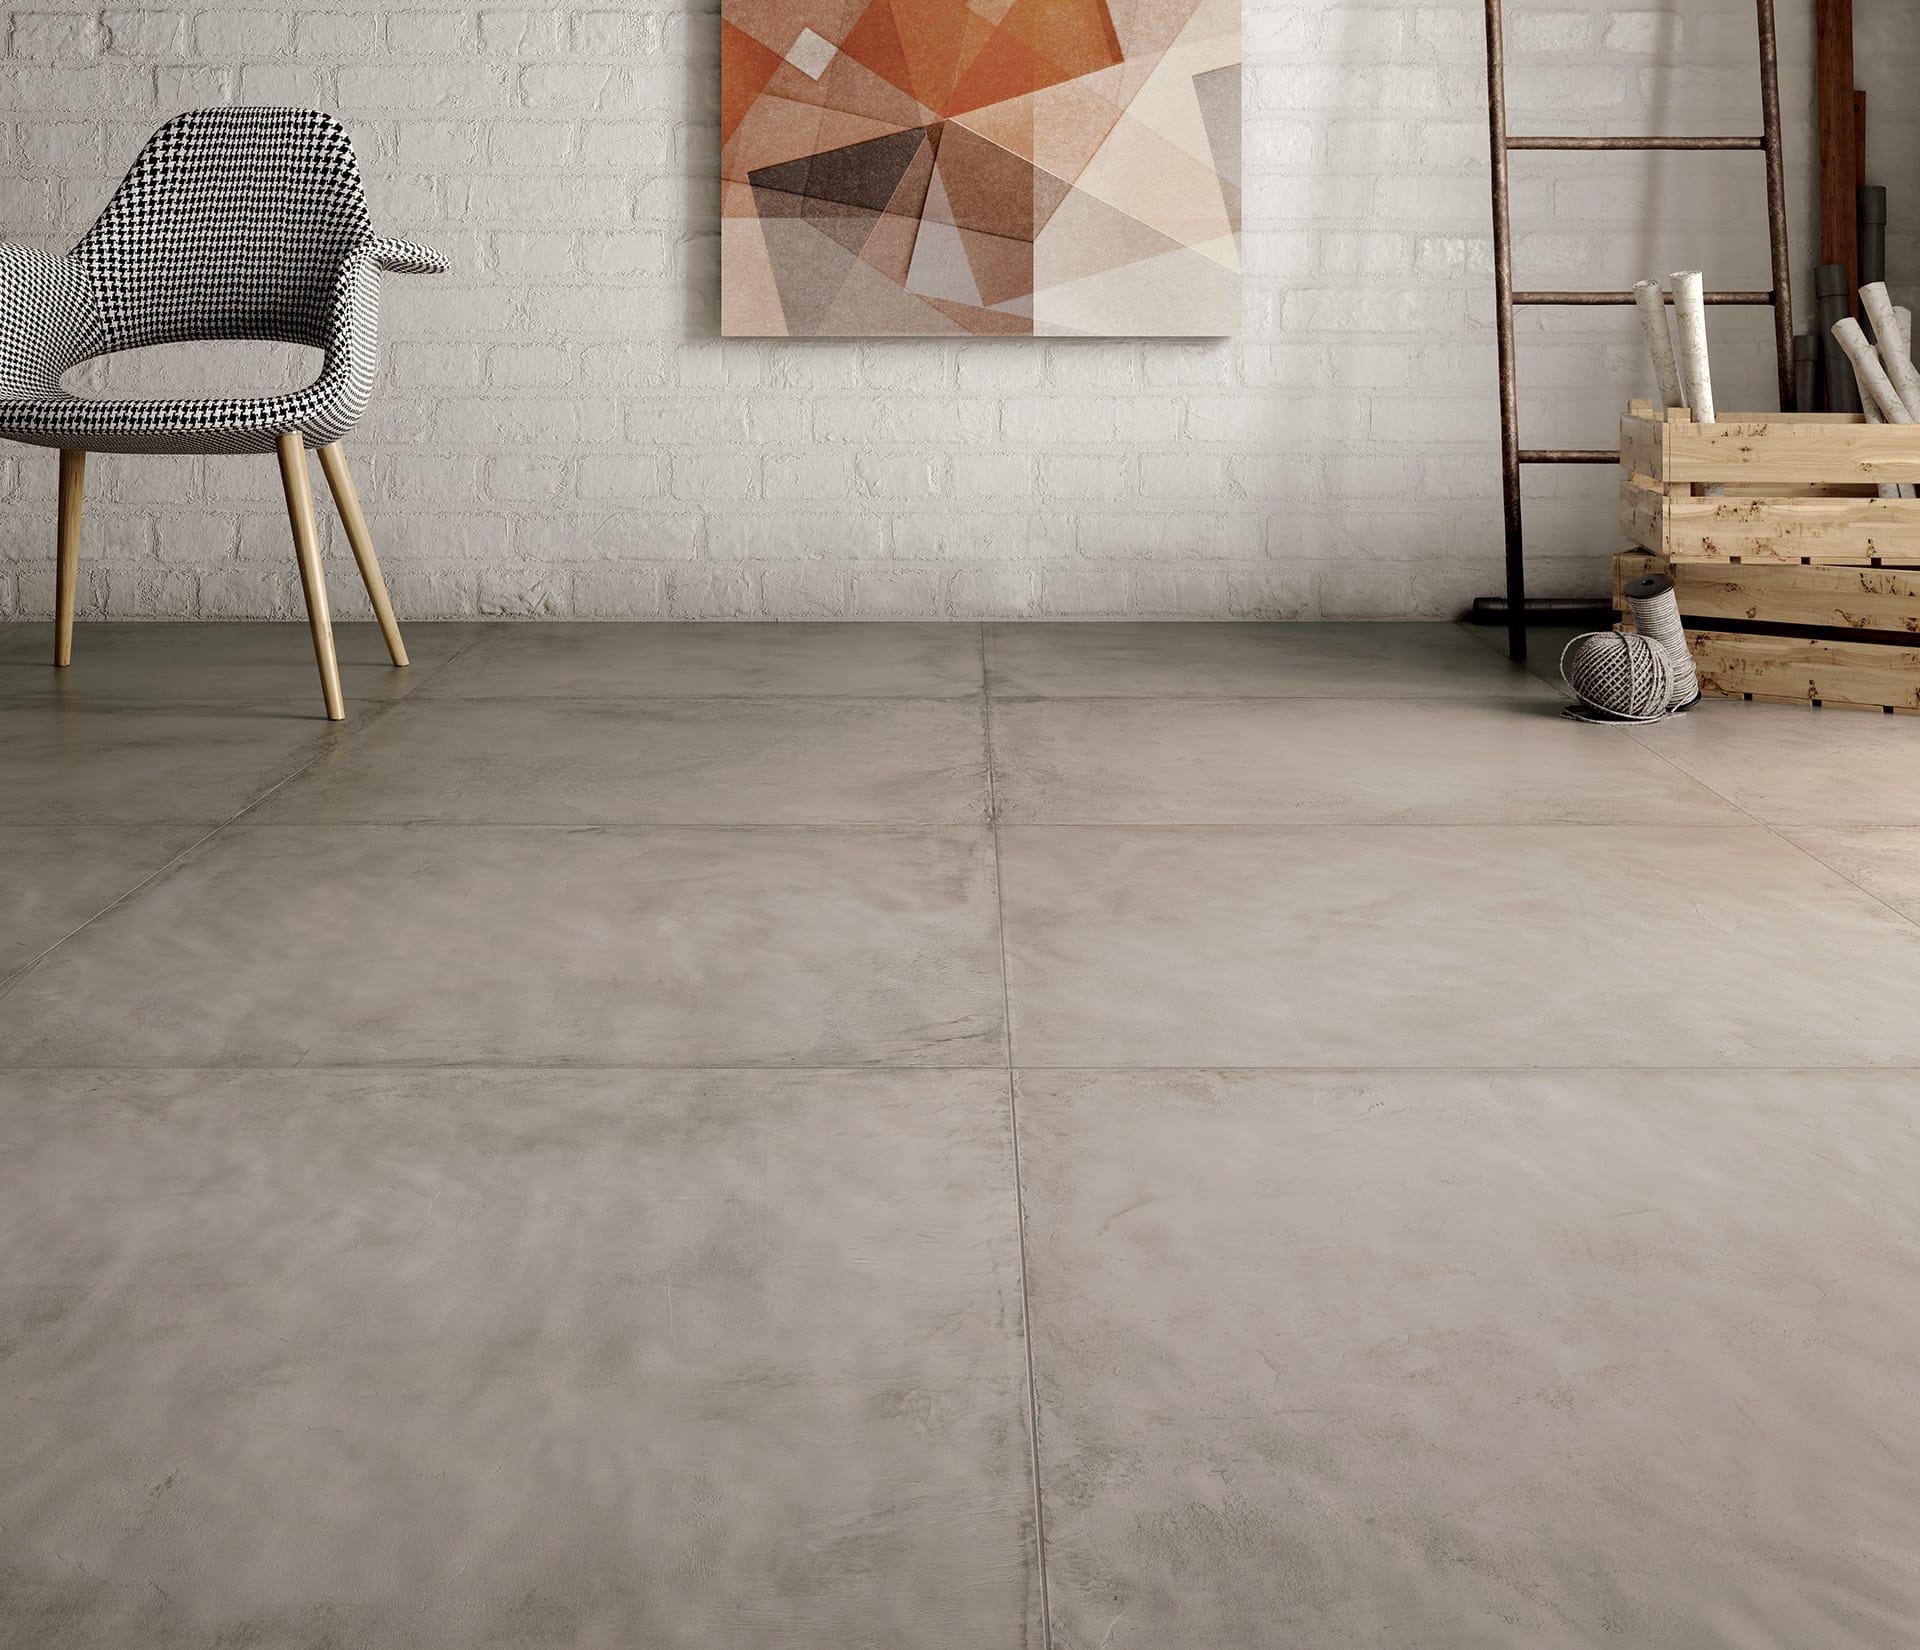 Ideen f r betonboden oder clevere alternative zur blichen fu bodengestaltung - Alternative zur zimmertur ...